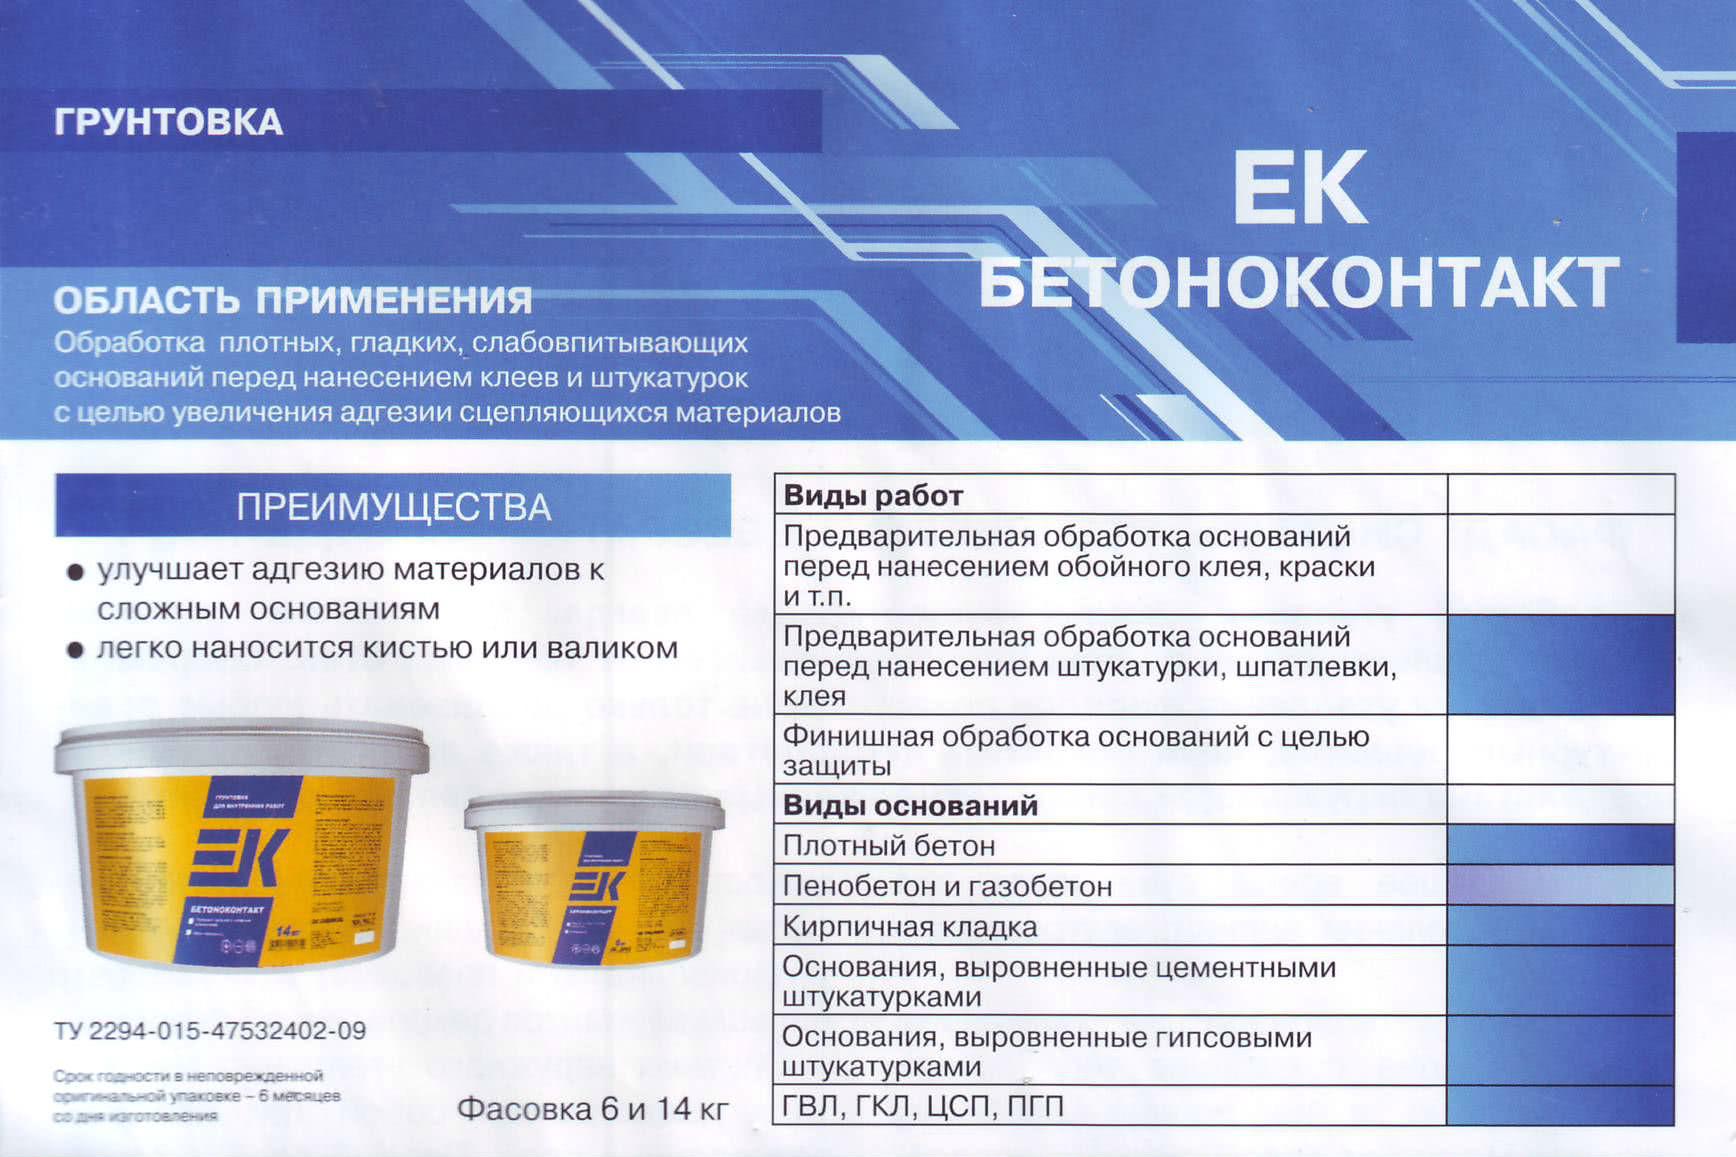 Область применения и виды Бетоноконтакт